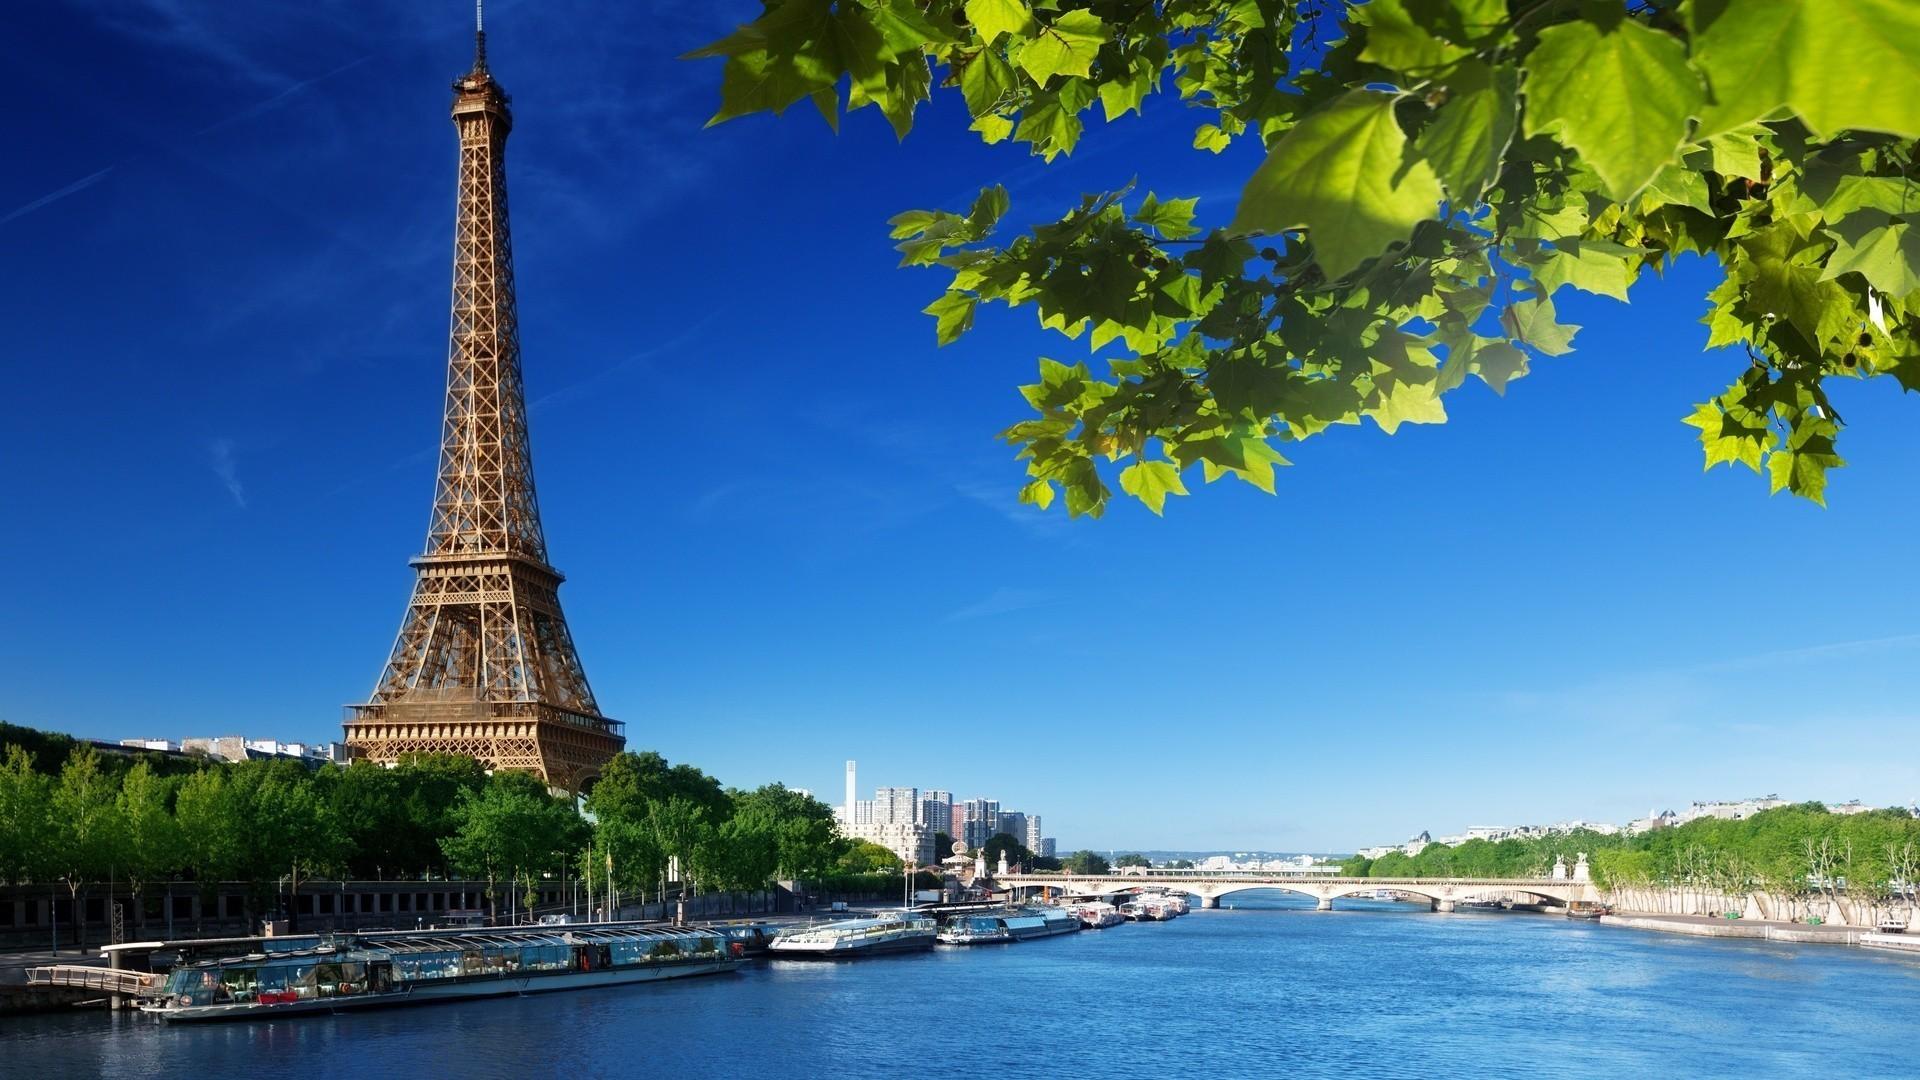 Res: 1920x1080, Eiffel tower paris tour de france wallpaper